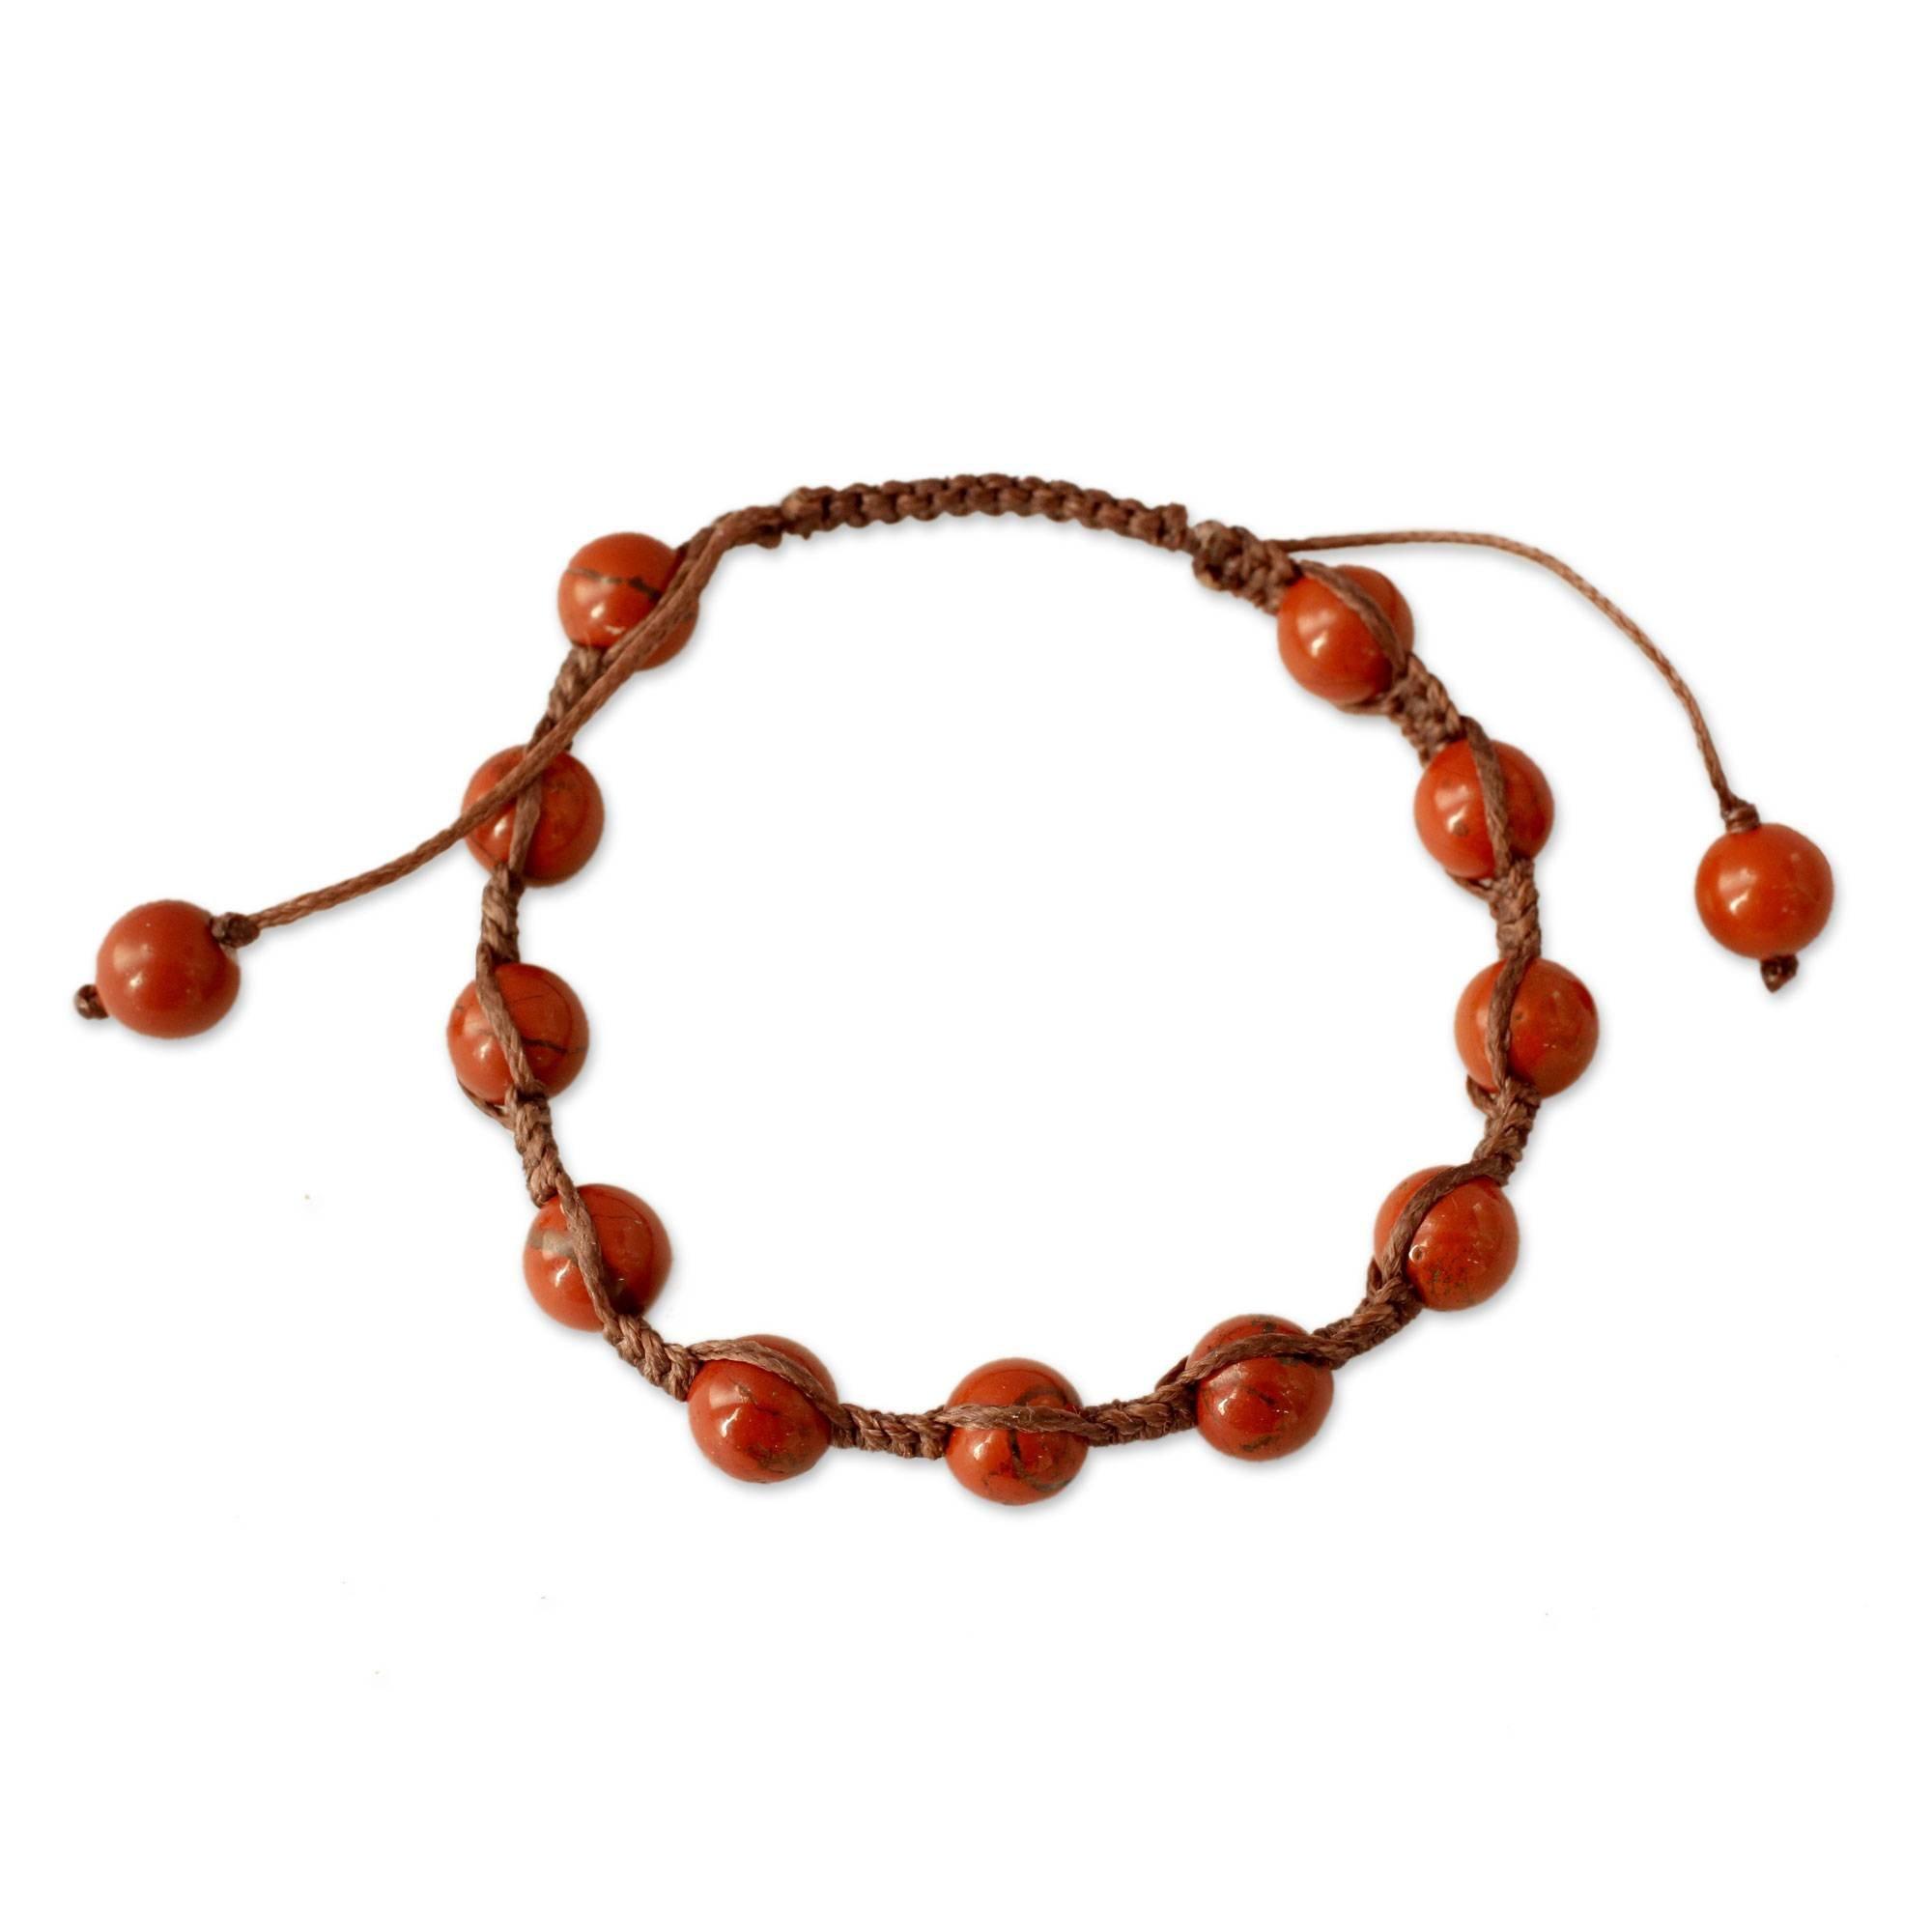 NOVICA Jasper and Cotton Macrame Shambhala Style Bracelet, Adjustable Length, 'Blissful Courage'